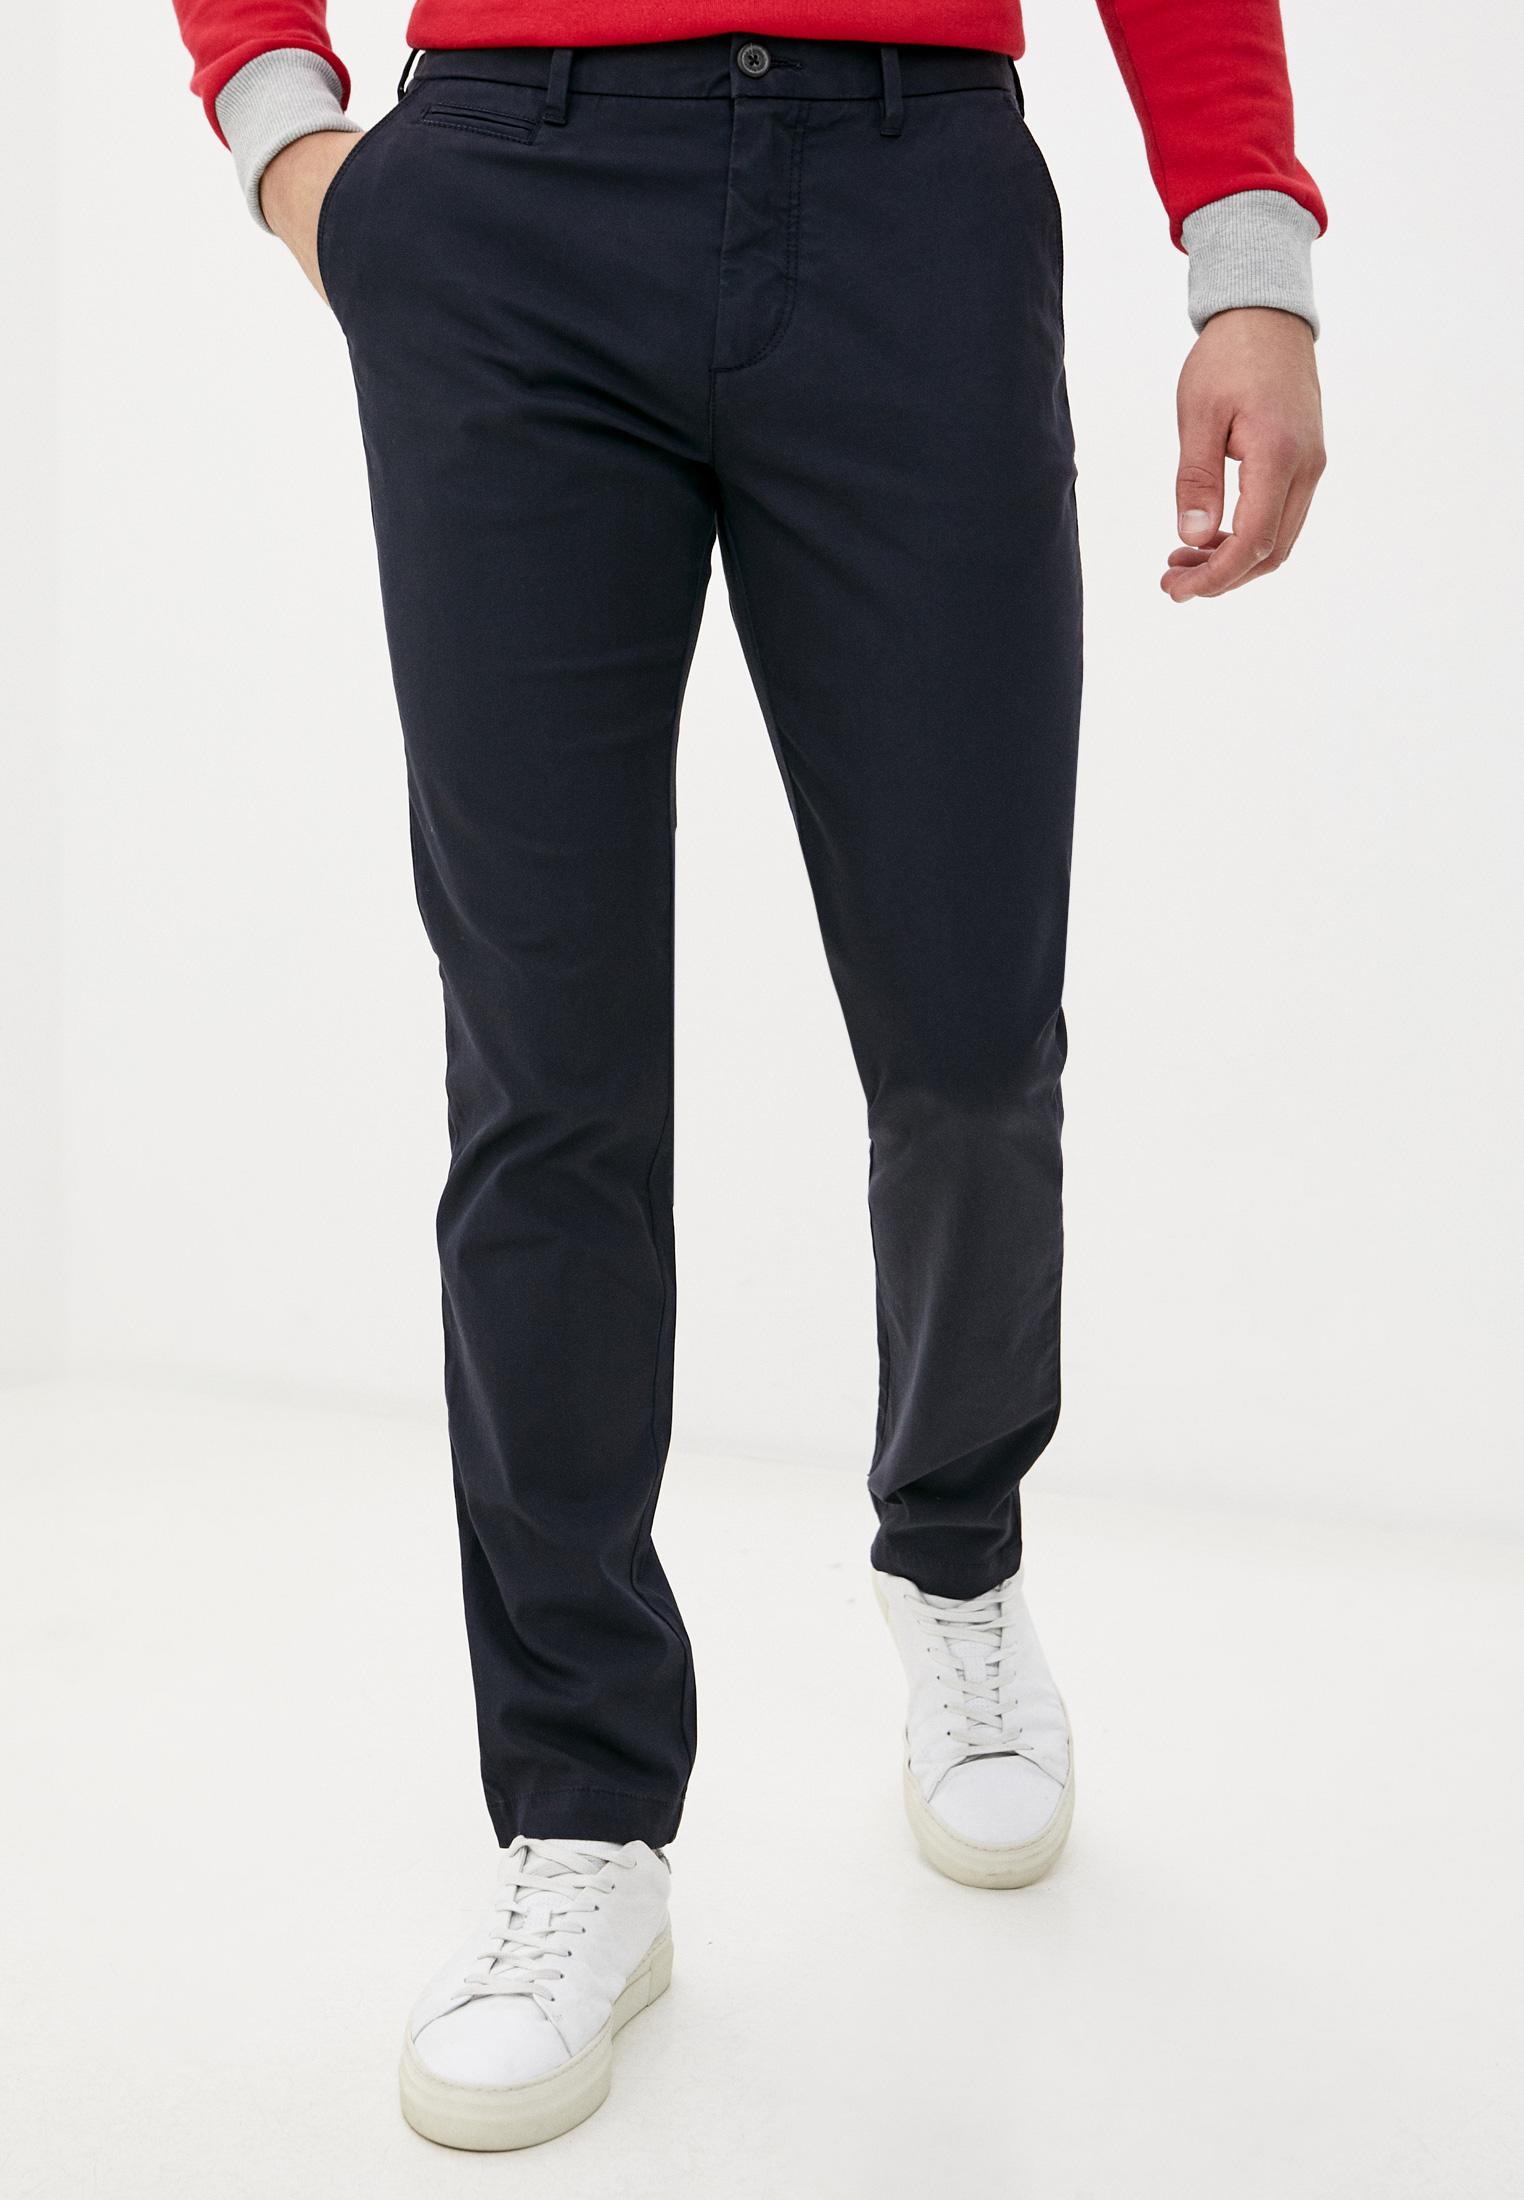 Брюки Lyle & Scott Textured Trouser за 6 293 ₽. в интернет-магазине Lamoda.ru